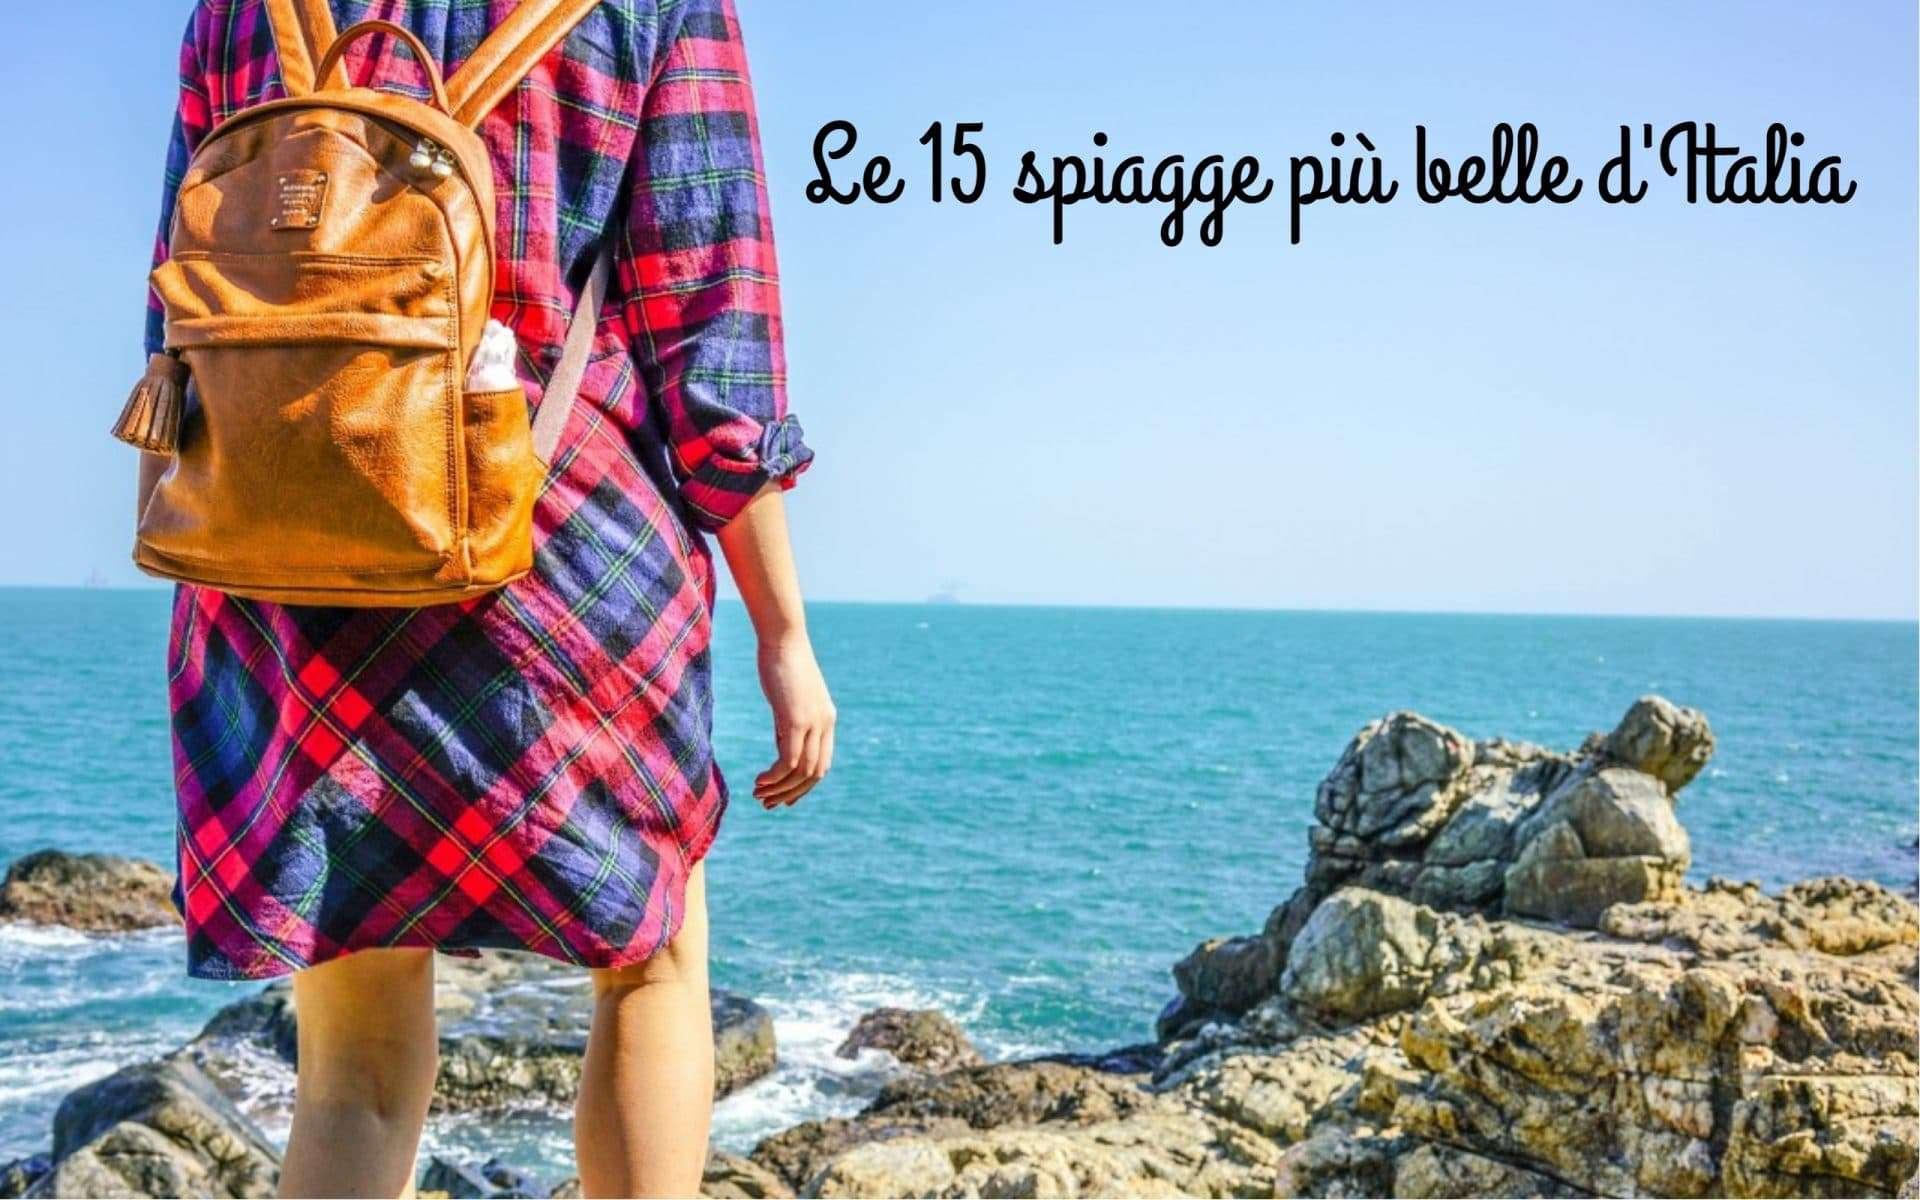 Le 15 spiagge italiane più belle dell'estate 2017 secondo Skyscanner